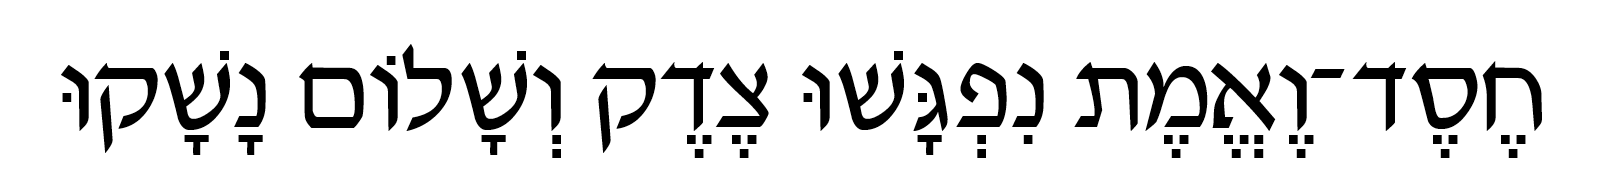 Chesed ve'emet nifgshu tzedek v'shalom nashaku.